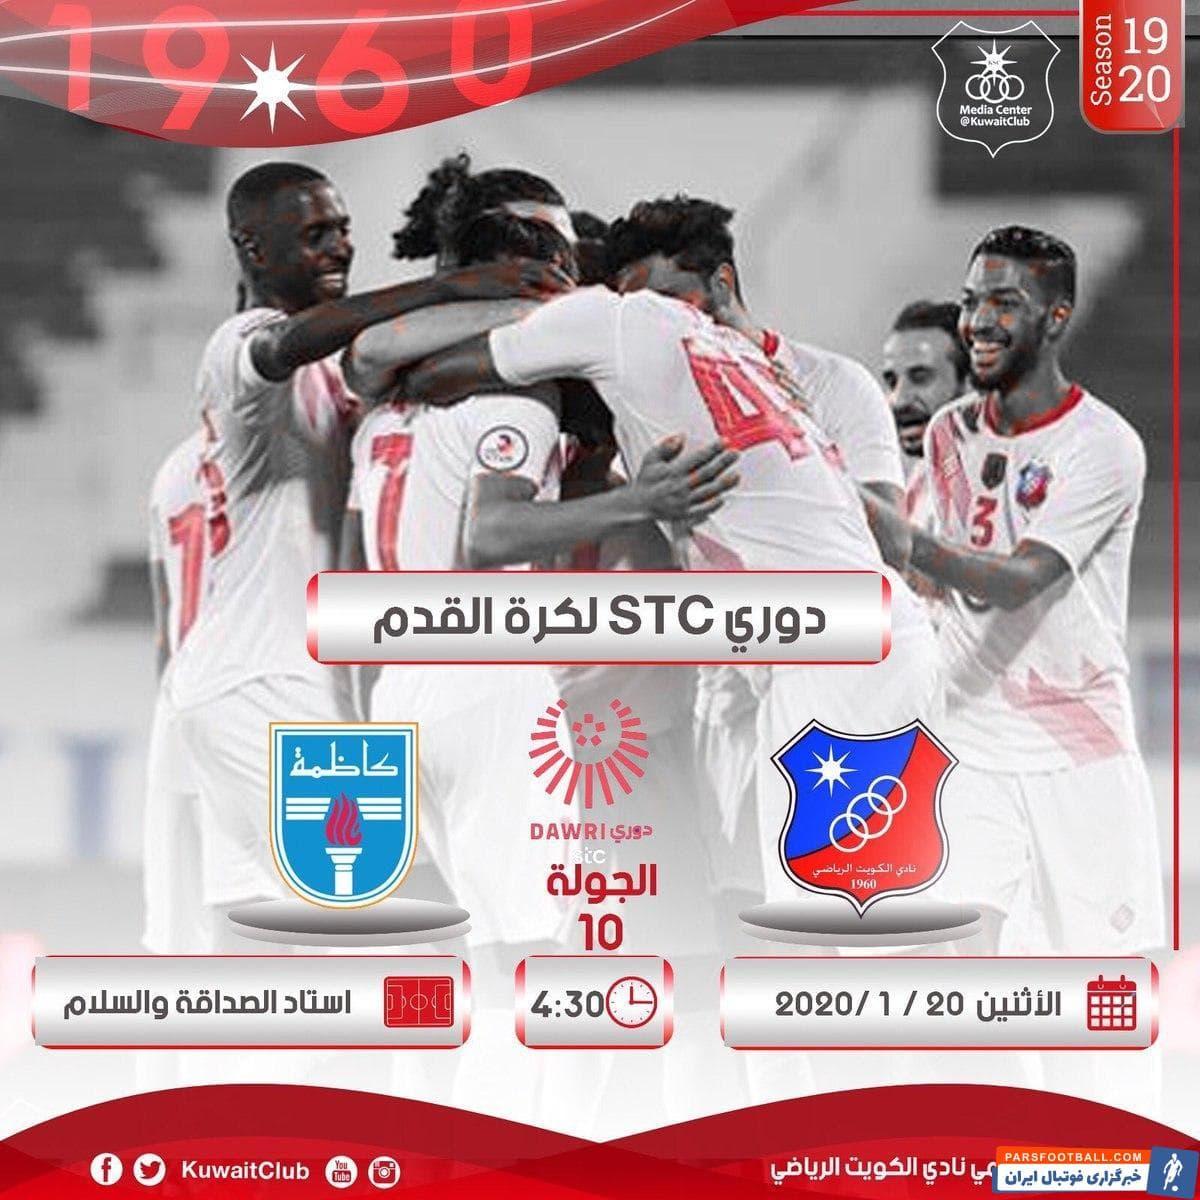 در شرایطی که طبق برنامه الکویت باید امروز راهی تهران می شد با لغو بازی های پلی آف الکویت دوباره به روند بازی های لیگ کویت بازگشت.